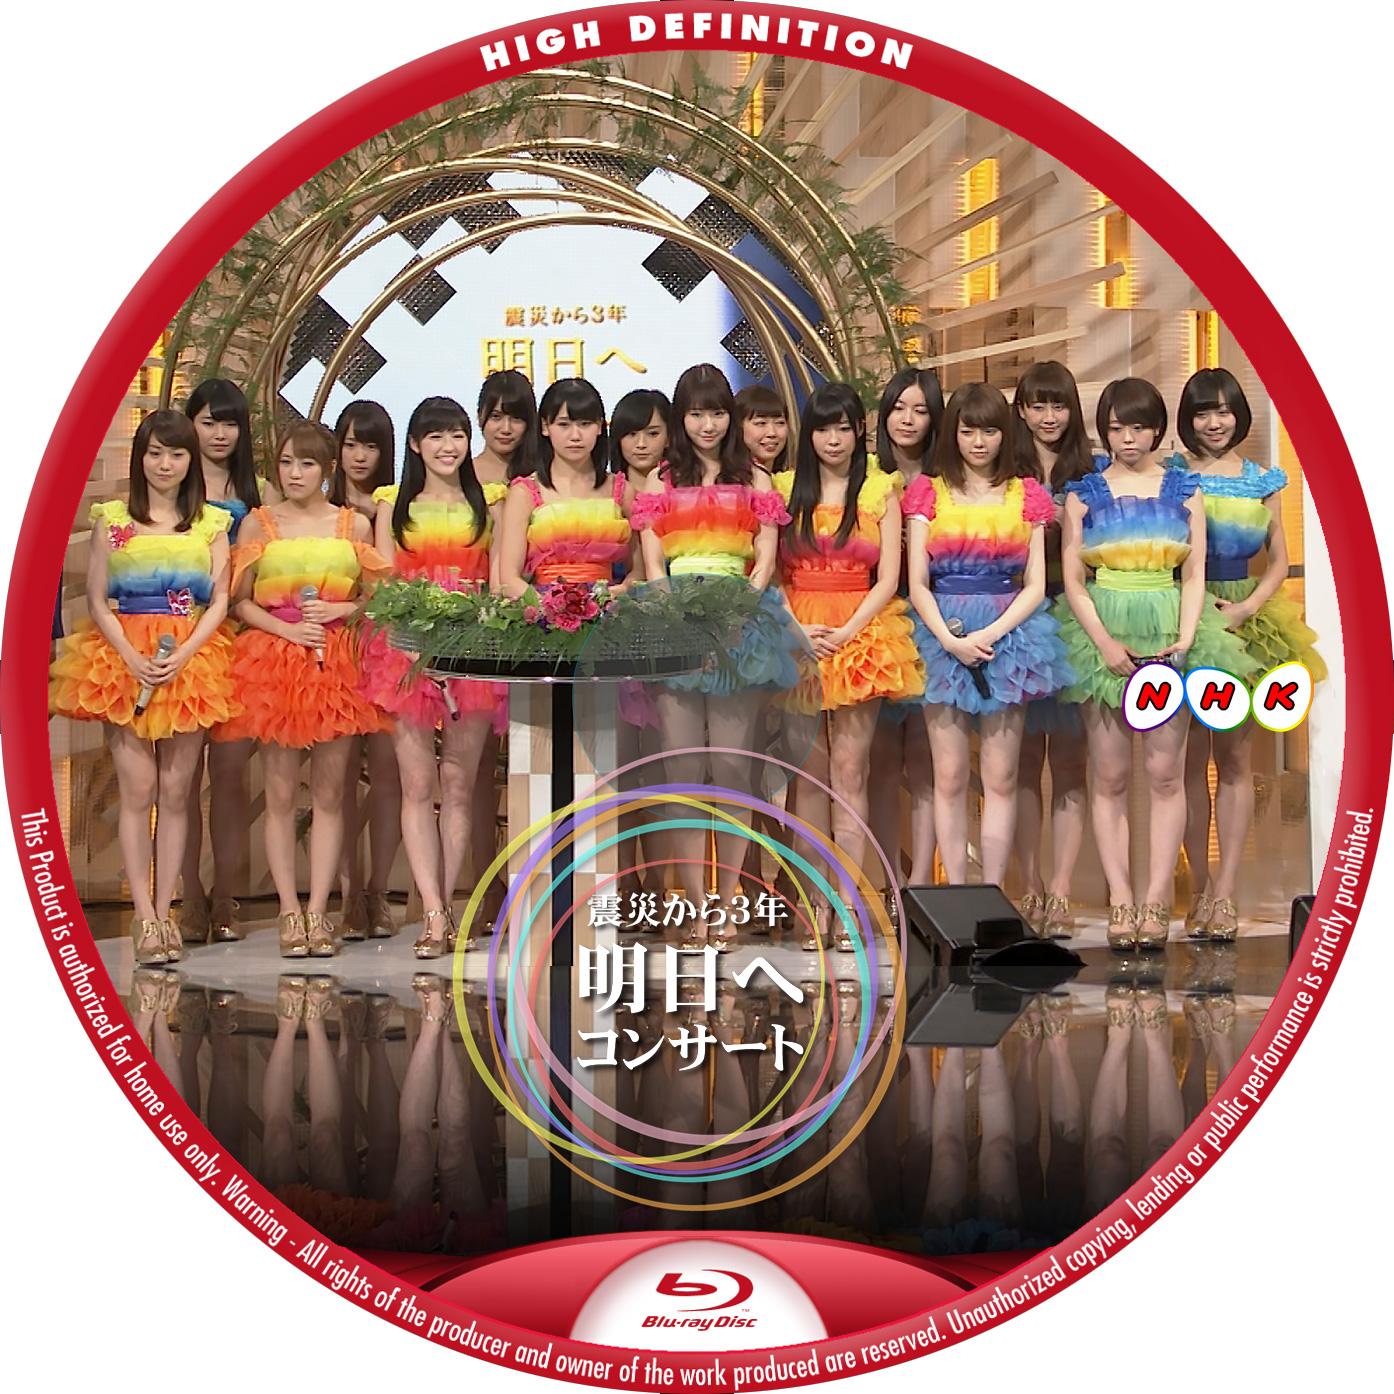 明日へコンサート AKB48 BDラベル